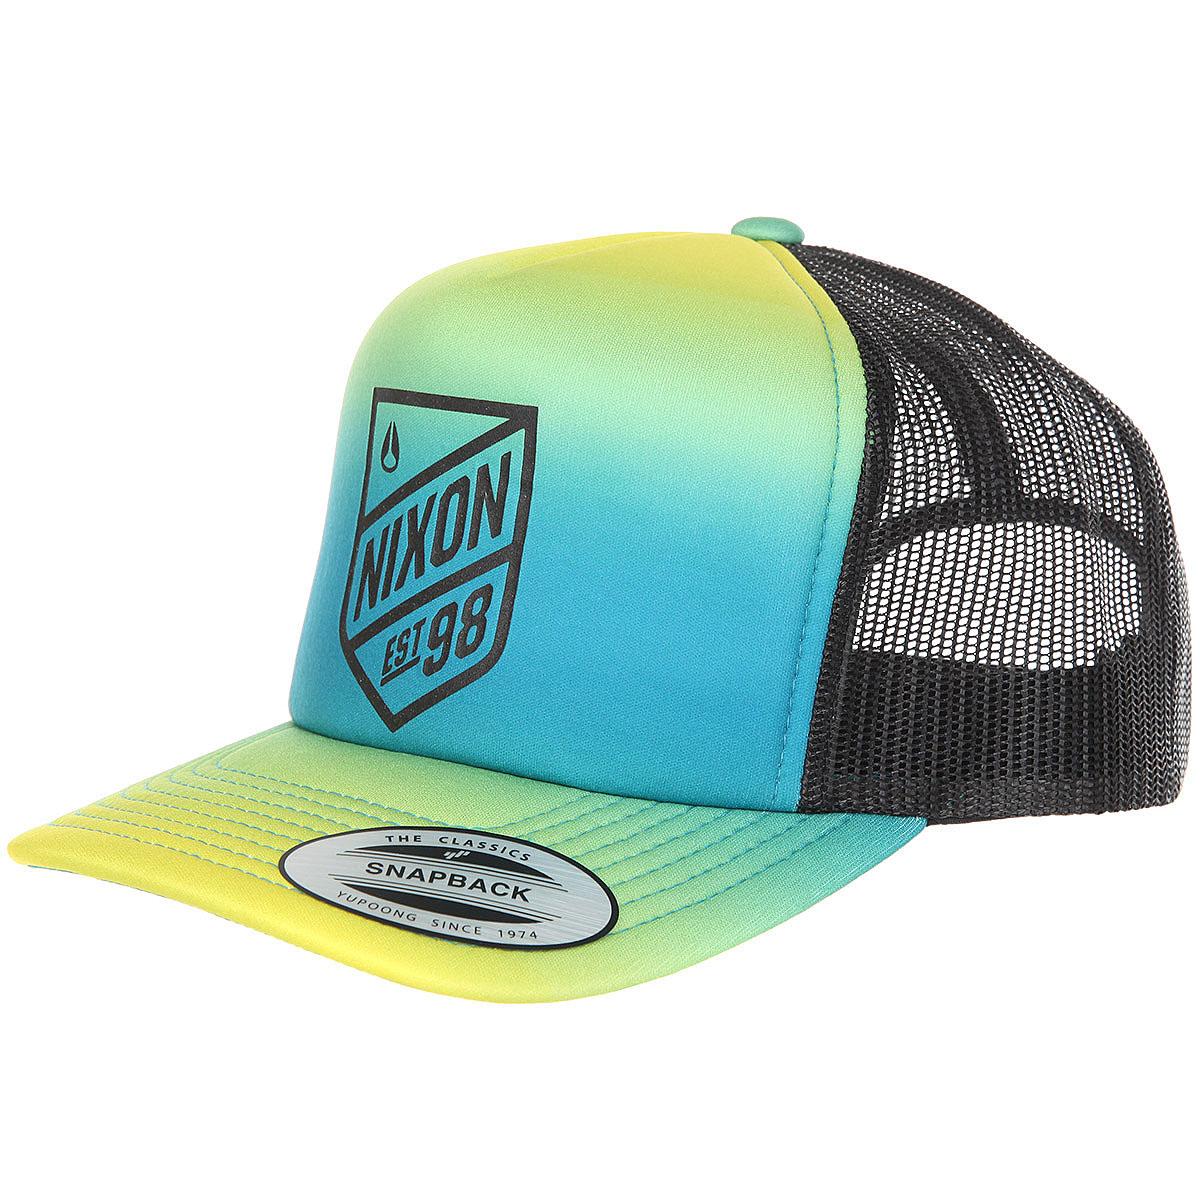 Купить бейсболку с сеткой Nixon Low Trucker Hat Navy Gradient в ... 72054d6b8e5a